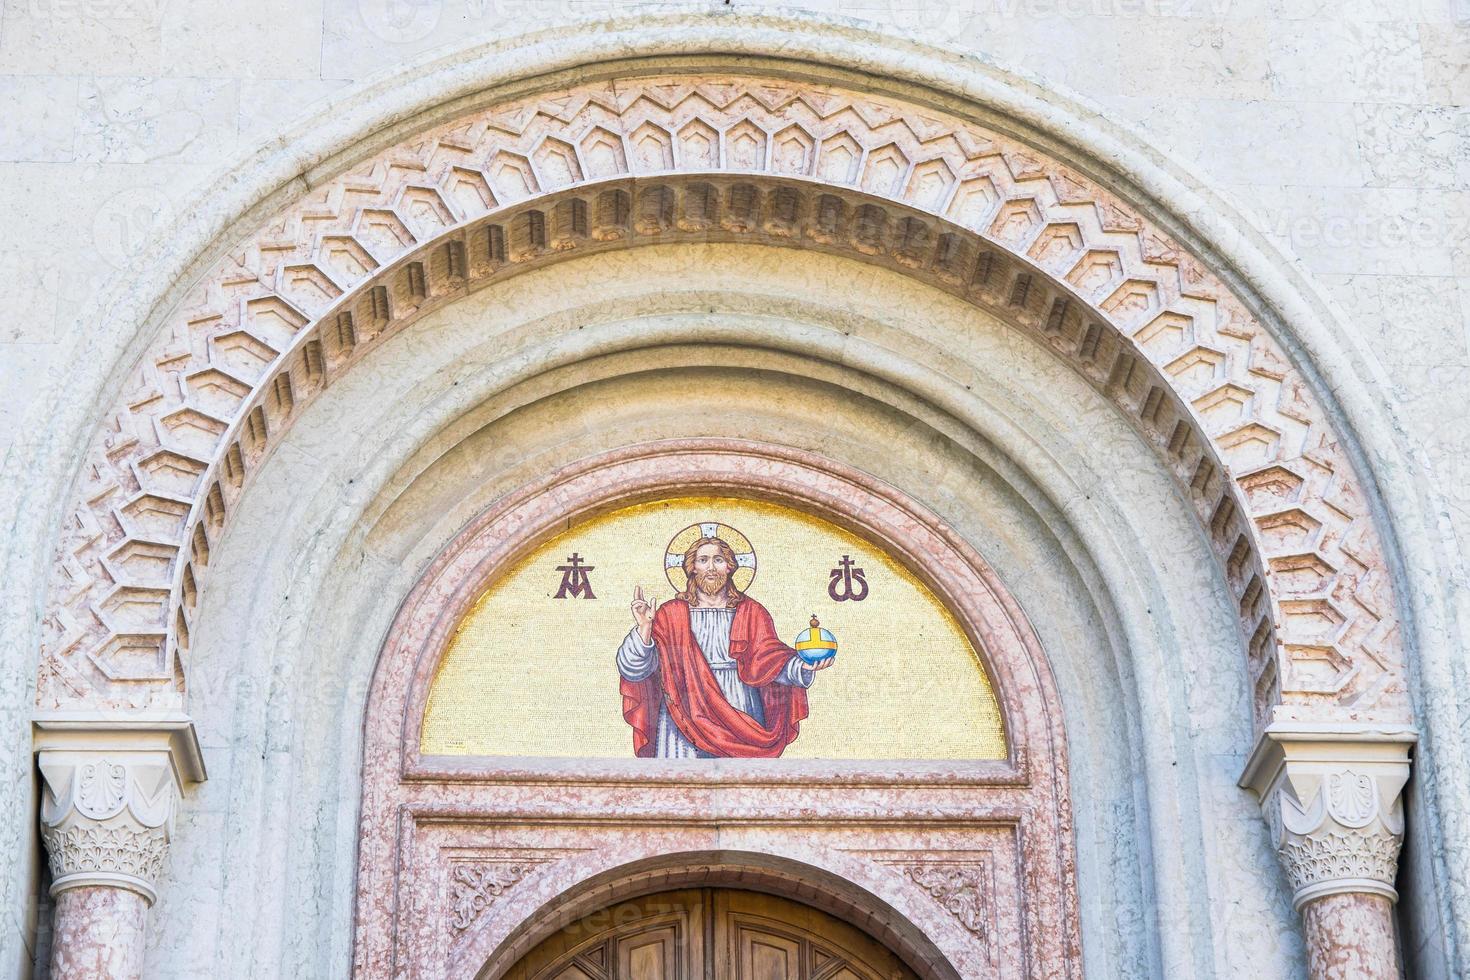 mosaïque d'image de Dieu au-dessus de la porte d'une église. photo